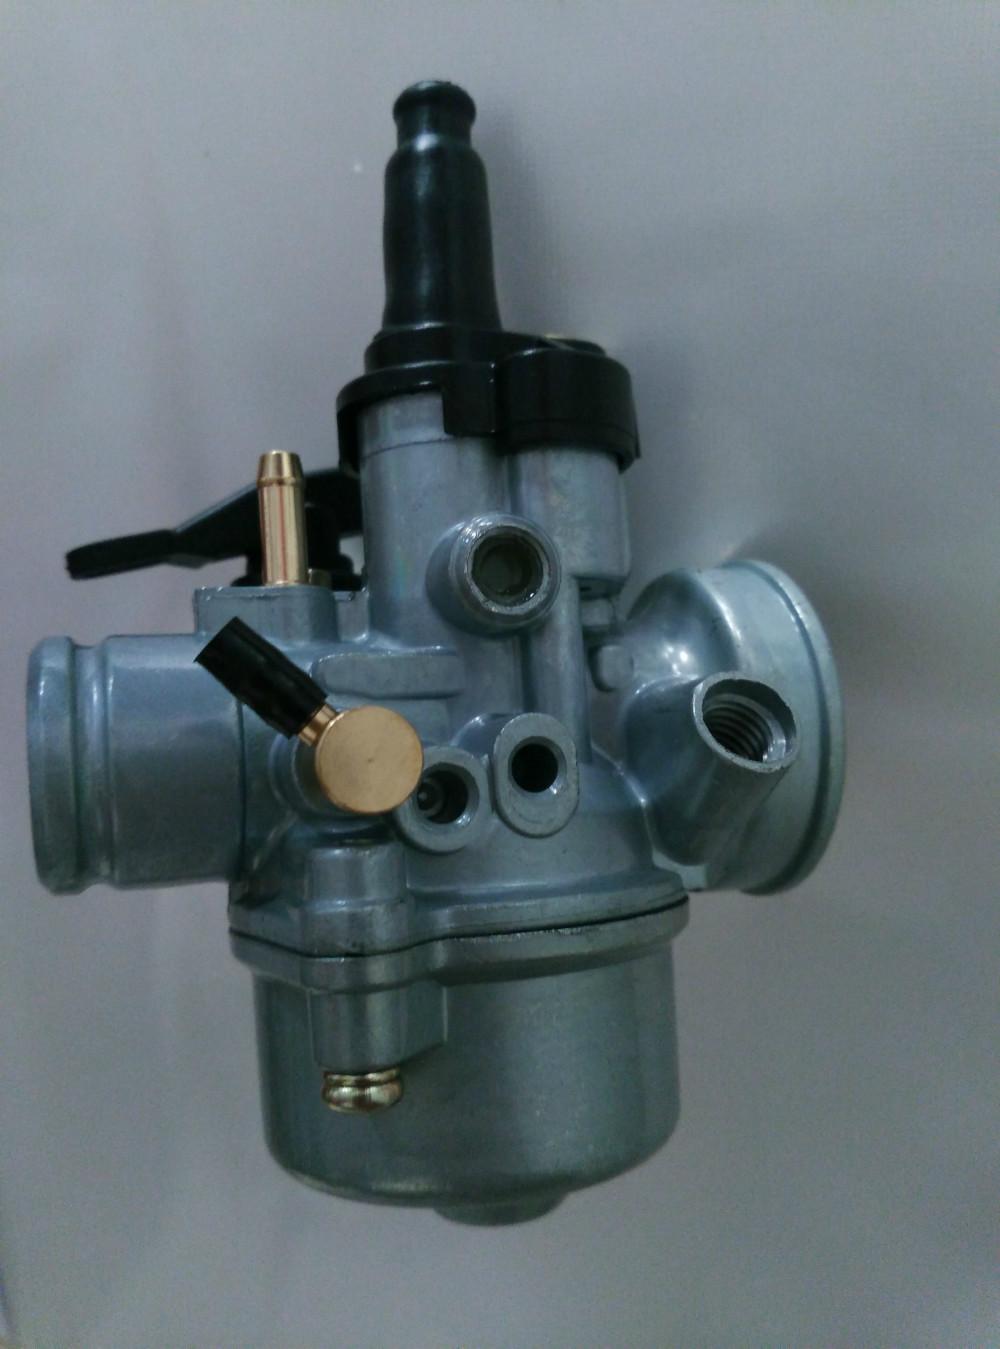 Nieuwe oem carburateur ds carburateur tomos a55 gekopieerd van dellorto choke motor - Kleur gemengde kamer ...